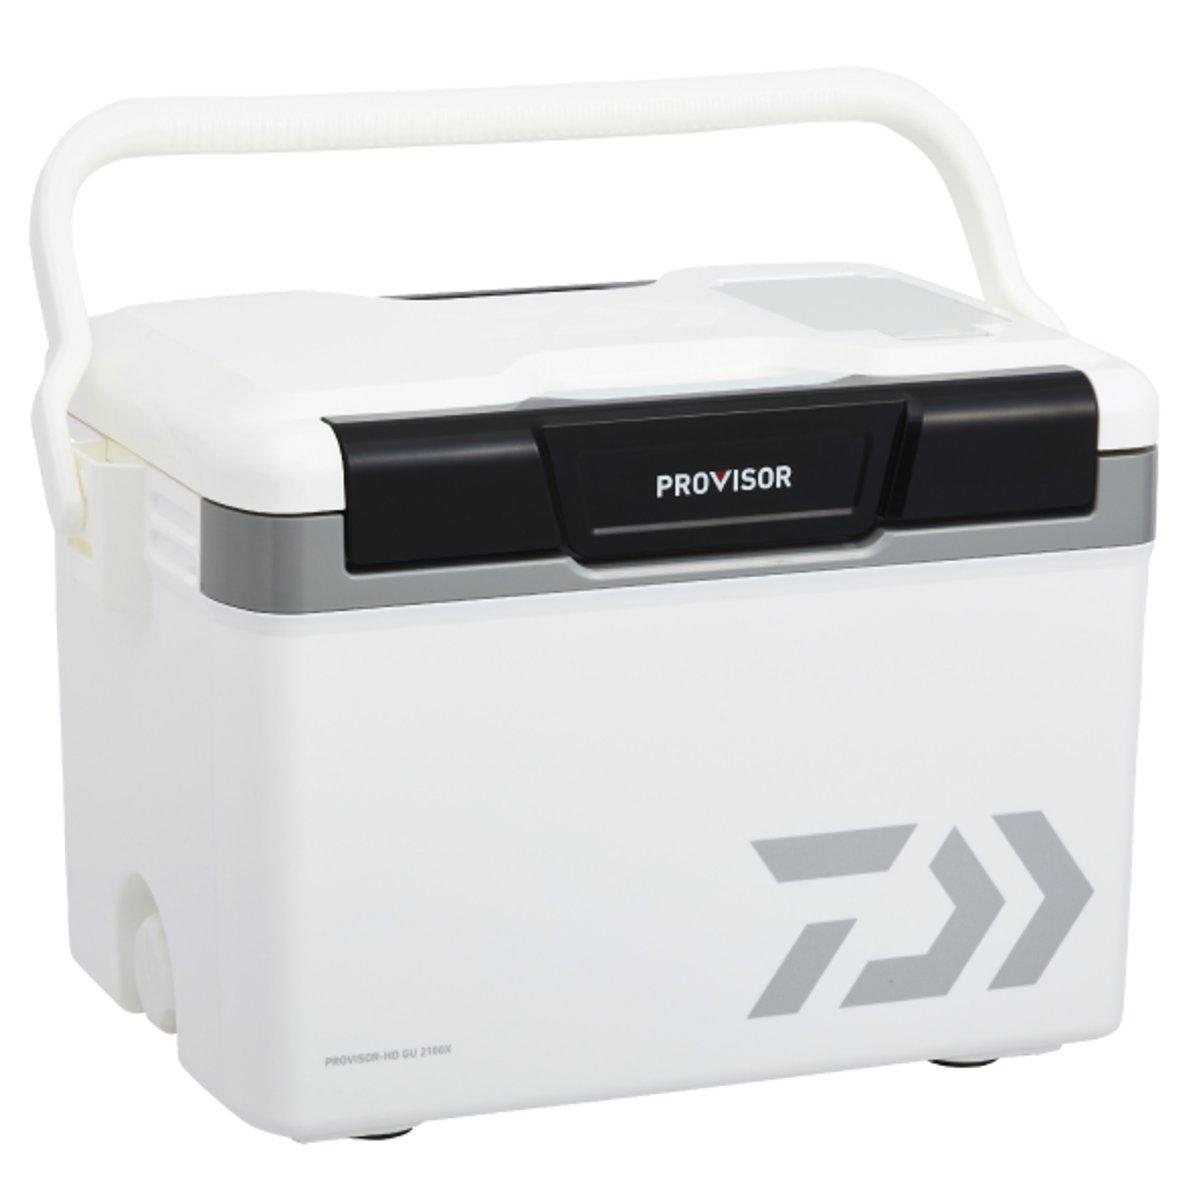 ダイワ プロバイザーHD 2100X